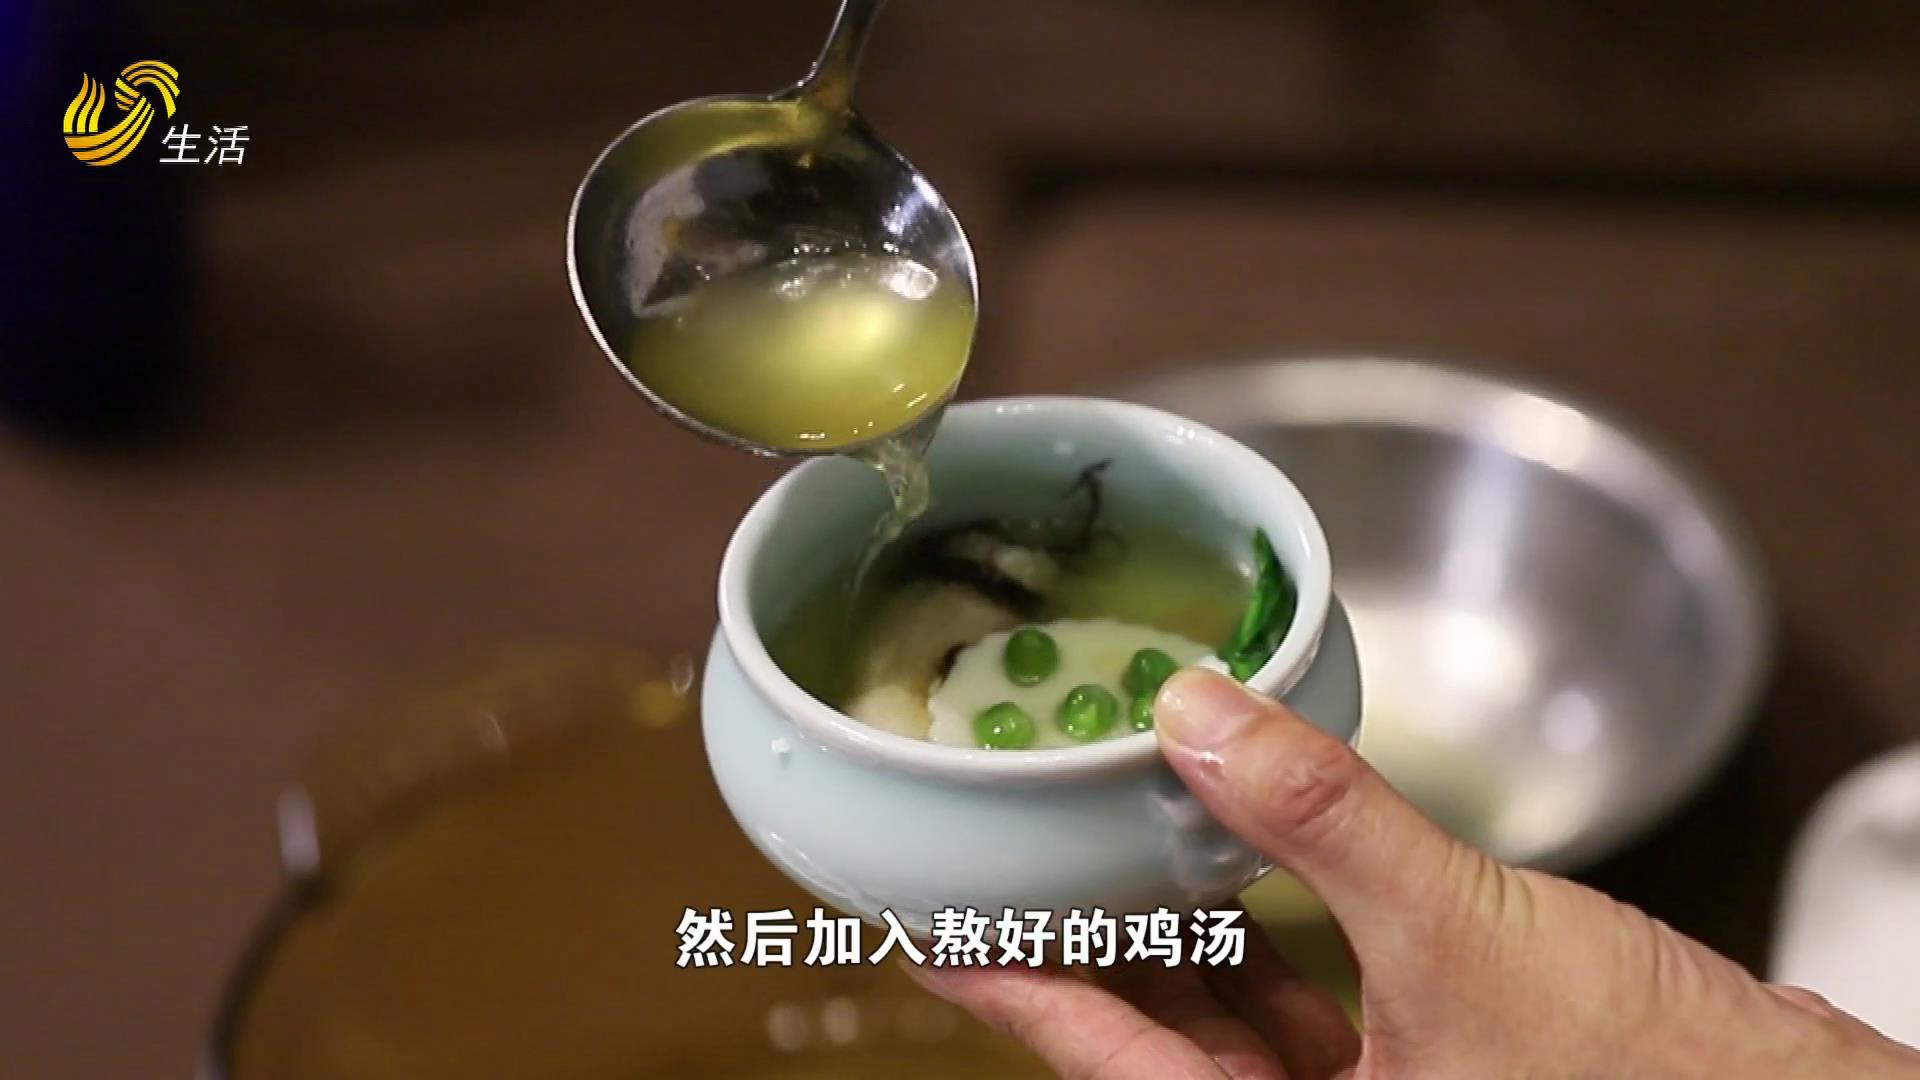 澳思汀酒店招牌菜—荷塘月色